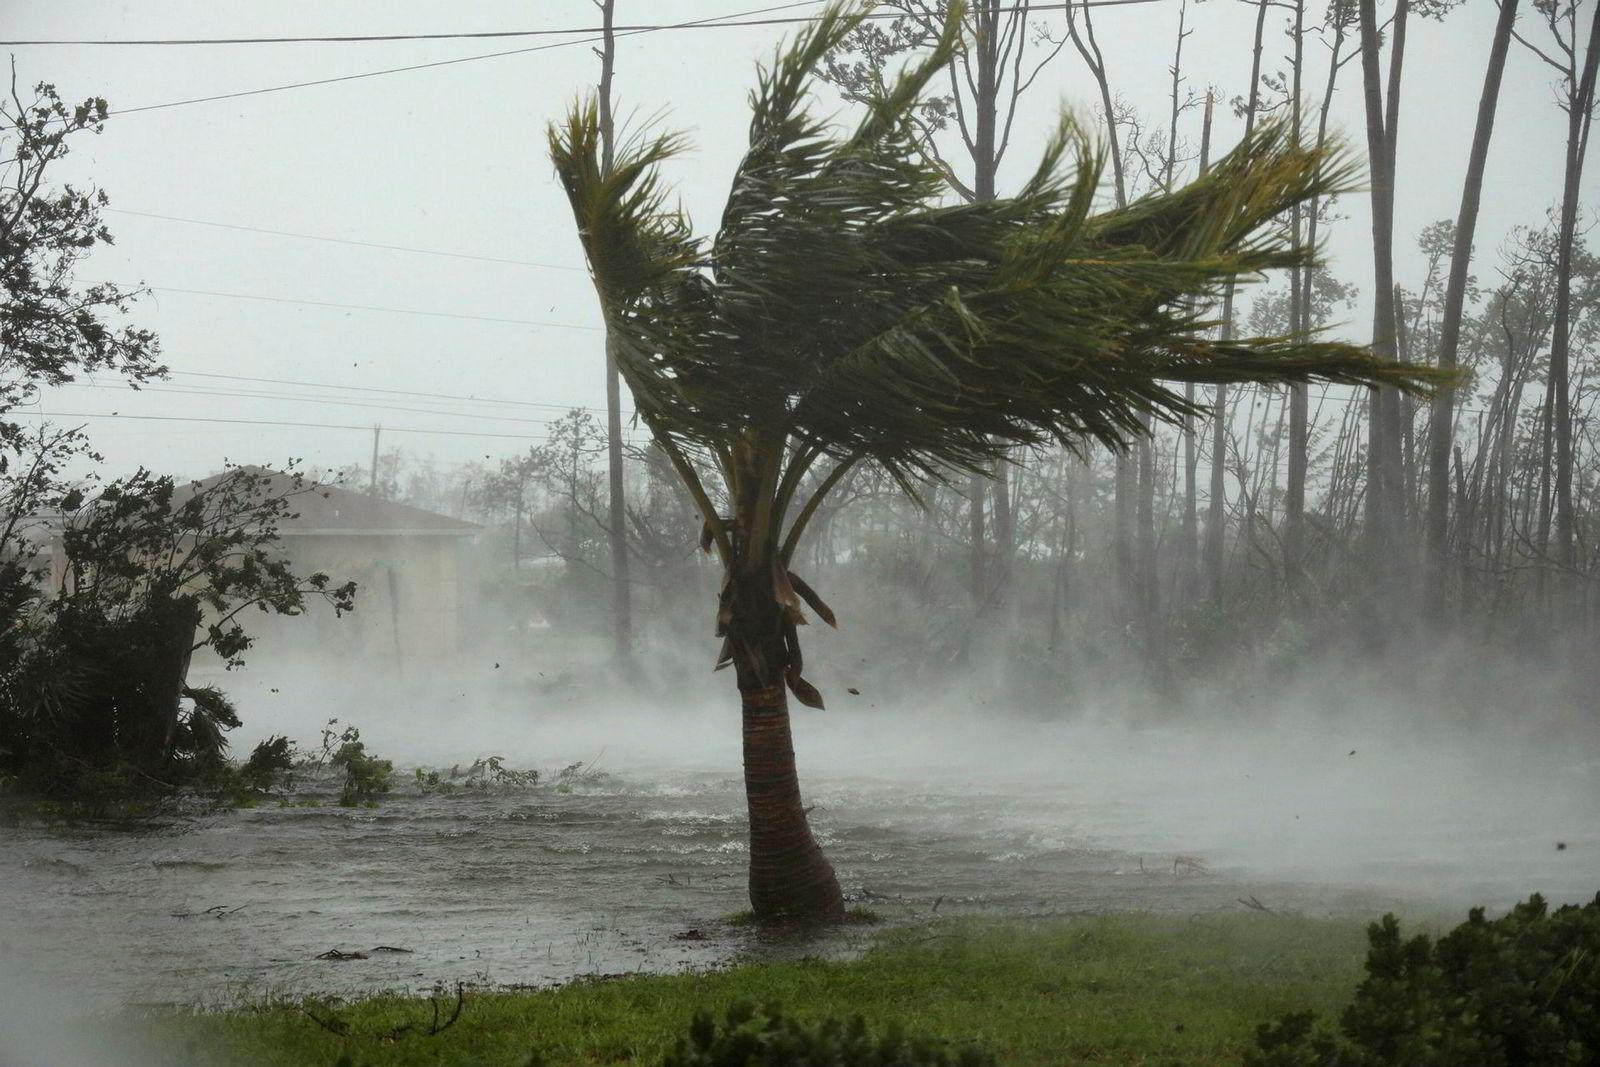 Veier i Freeport på Grand Bahamas i Bahamas var oversvømt mandag mens vind og regne fremdeles herjet i kjølvannet av orkanen Dorians ferd øya. Til og med redningsmannskaper ble tvunget til å søke dekning.